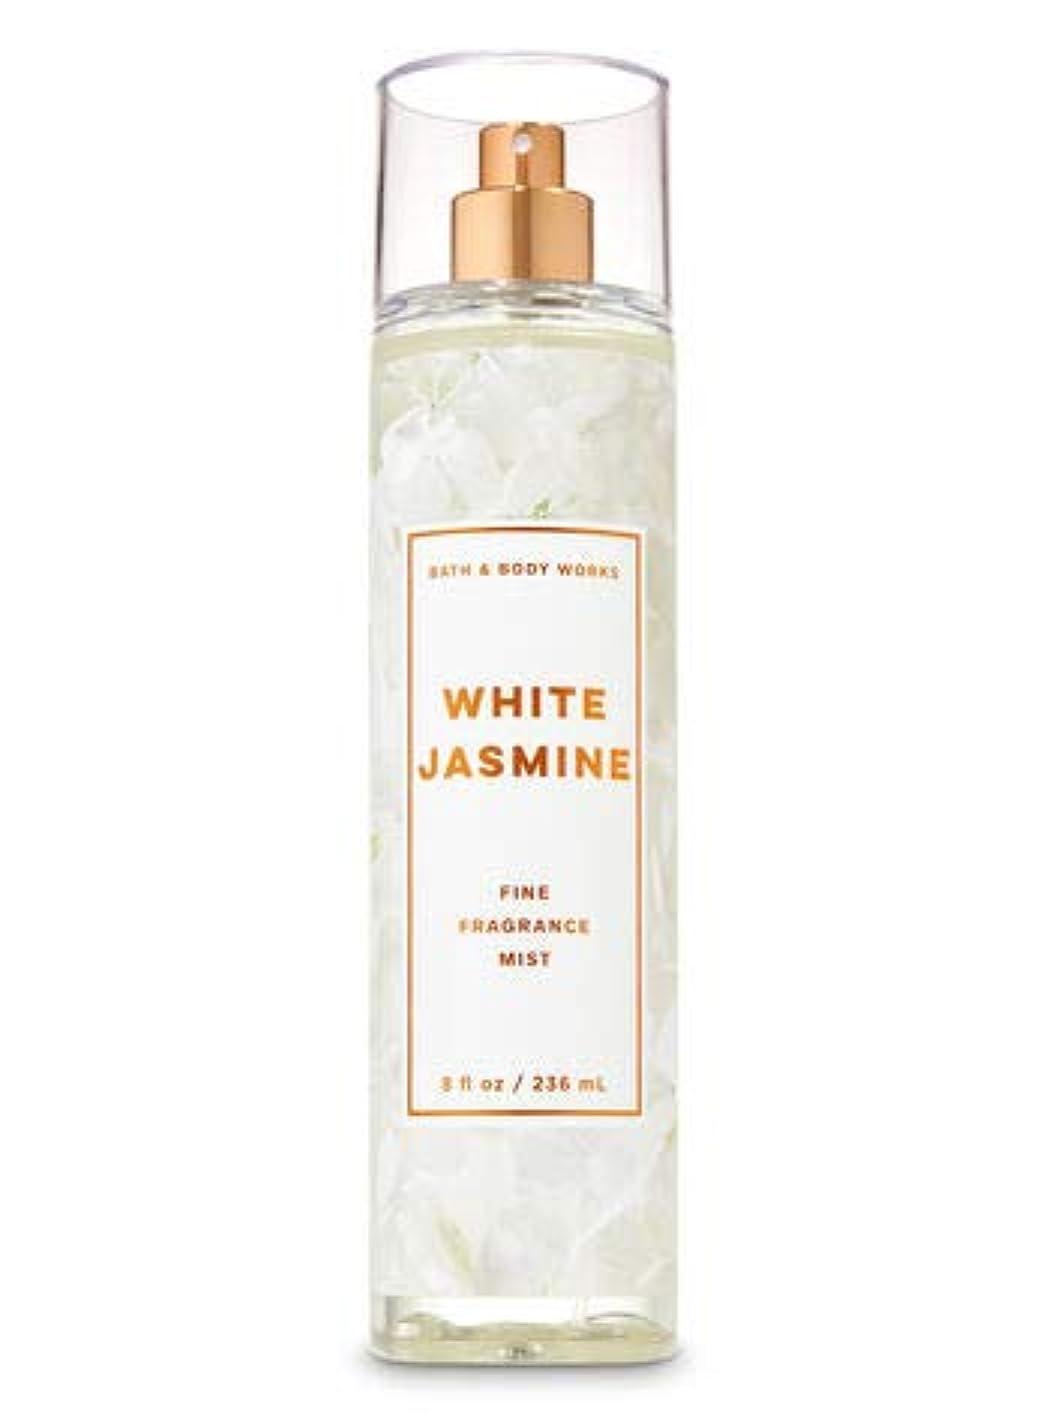 理想的レオナルドダ槍【Bath&Body Works/バス&ボディワークス】 ファインフレグランスミスト ホワイトジャスミン Fine Fragrance Mist White Jasmine 8oz (236ml) [並行輸入品]